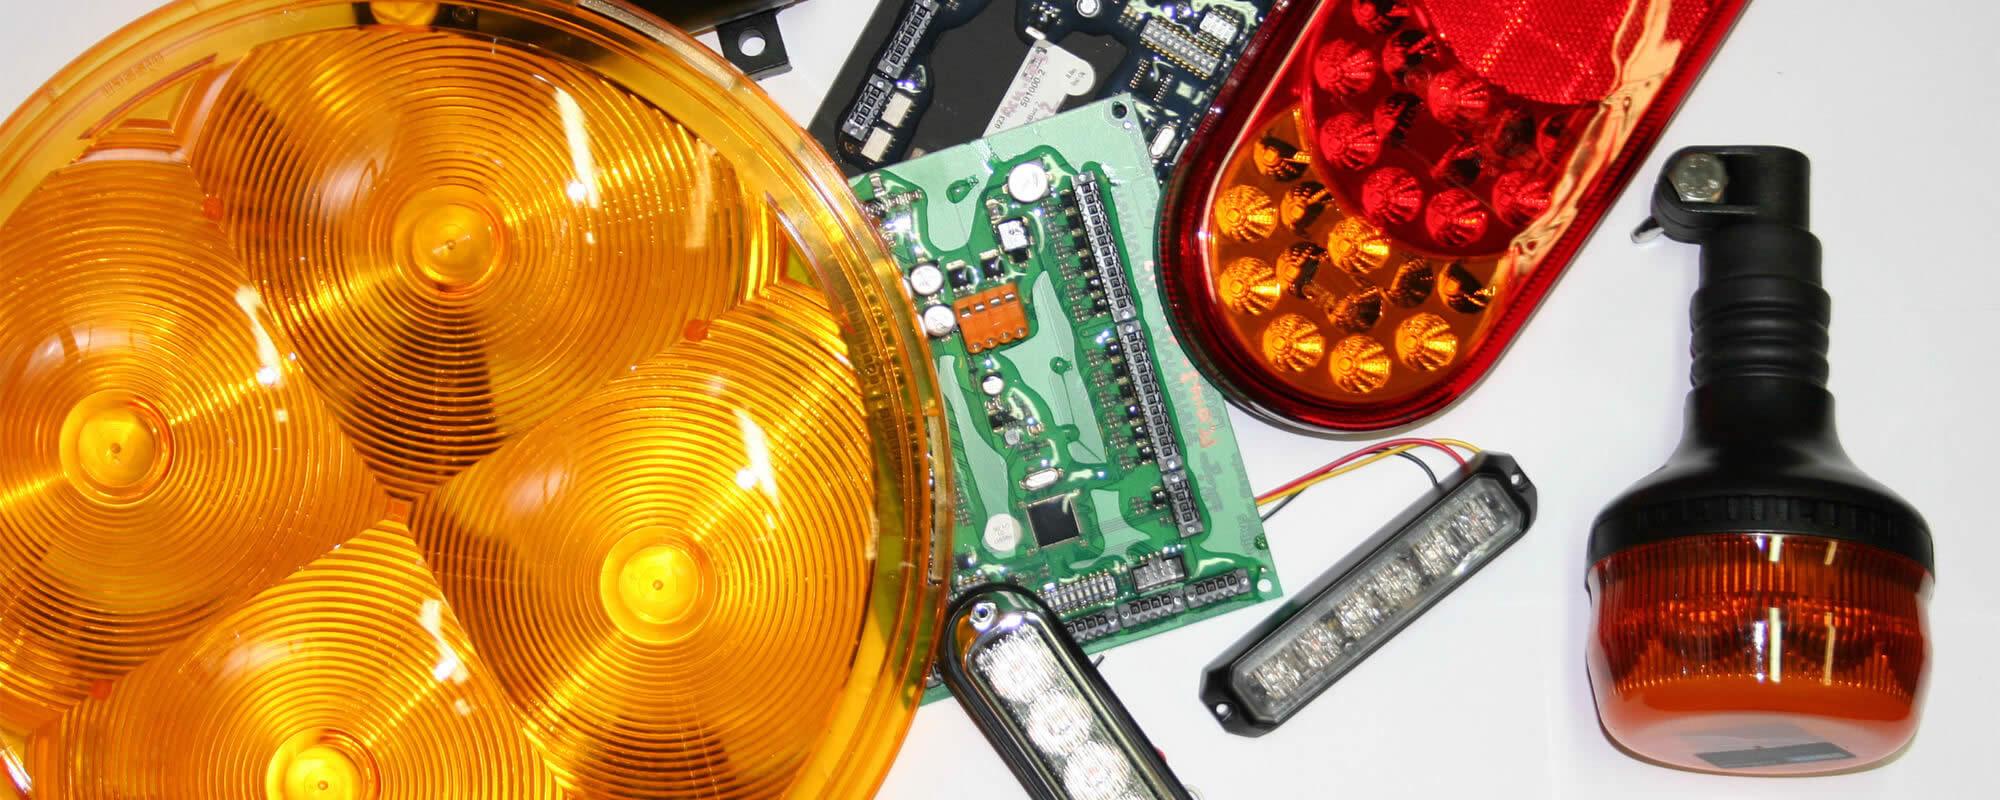 Acklea Ltd Parts and Service